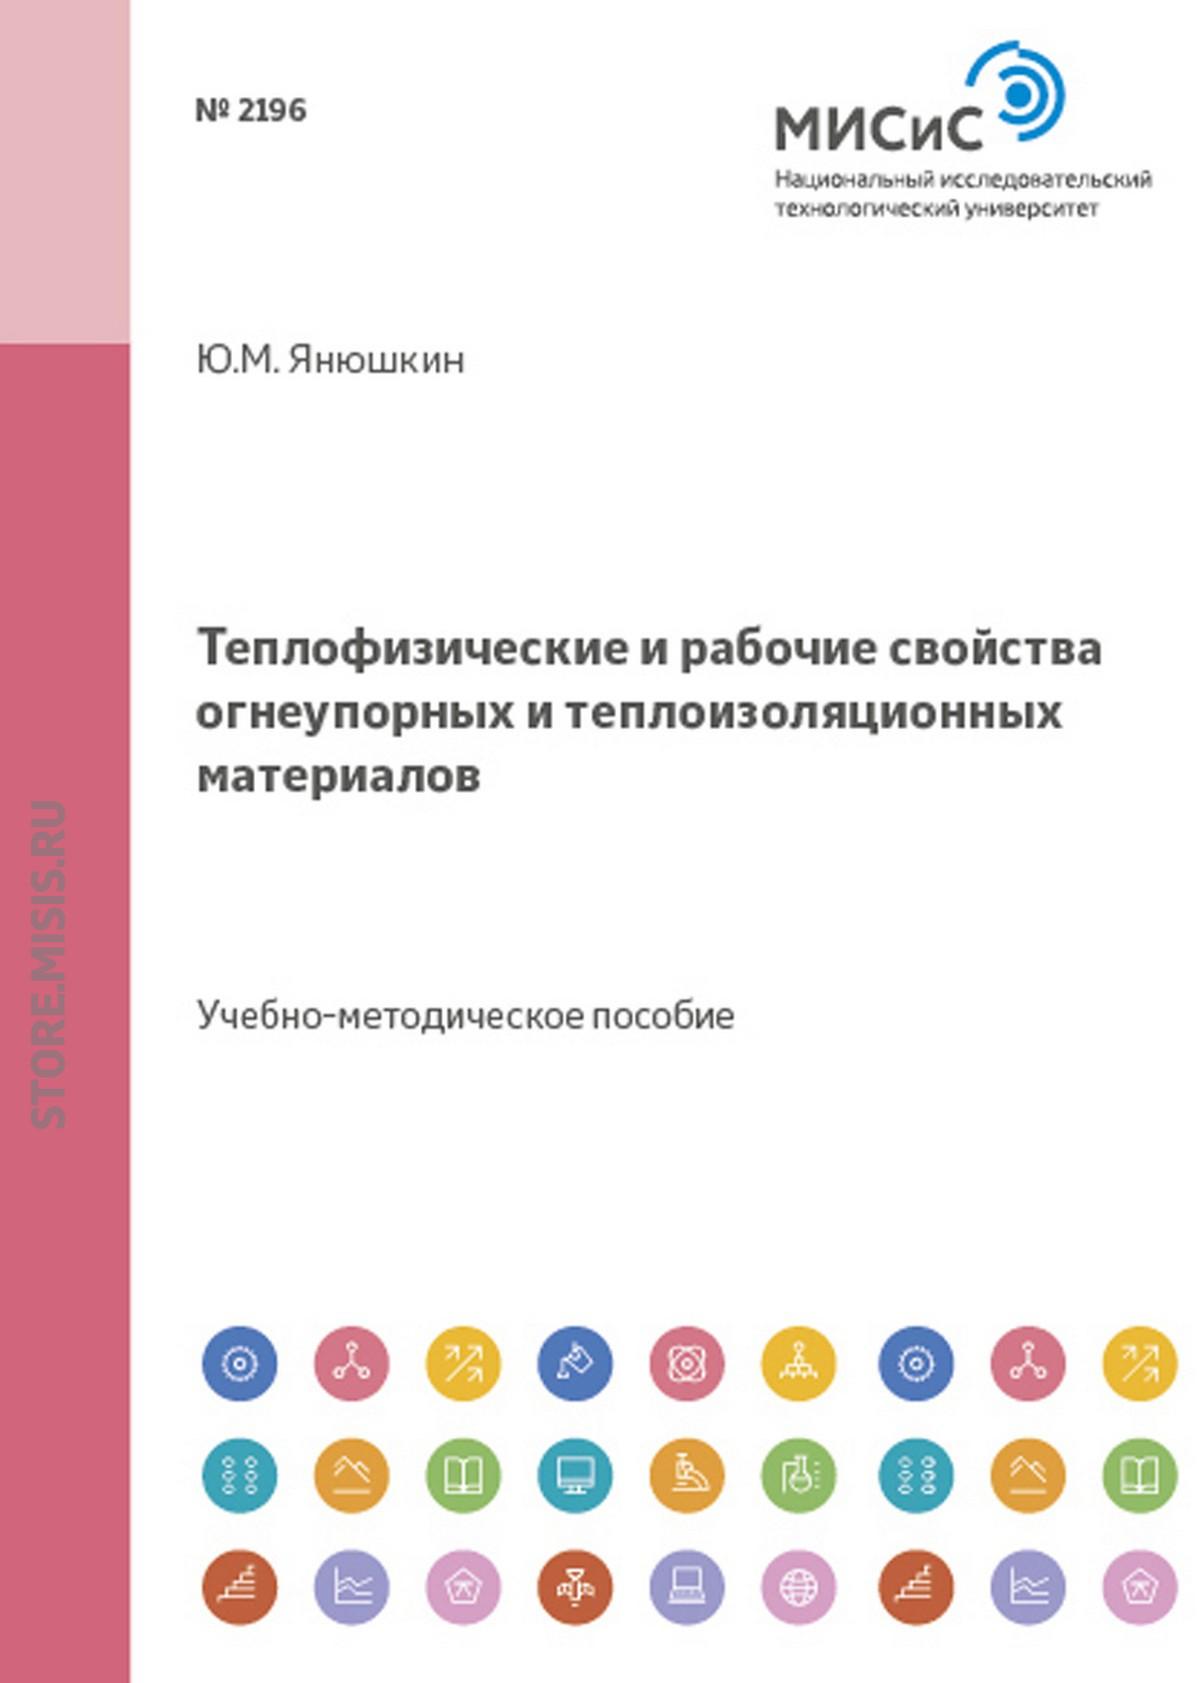 Юрий Янюшкин Теплофизические и рабочие свойства огнеупорных и теплоизоляционных материалов